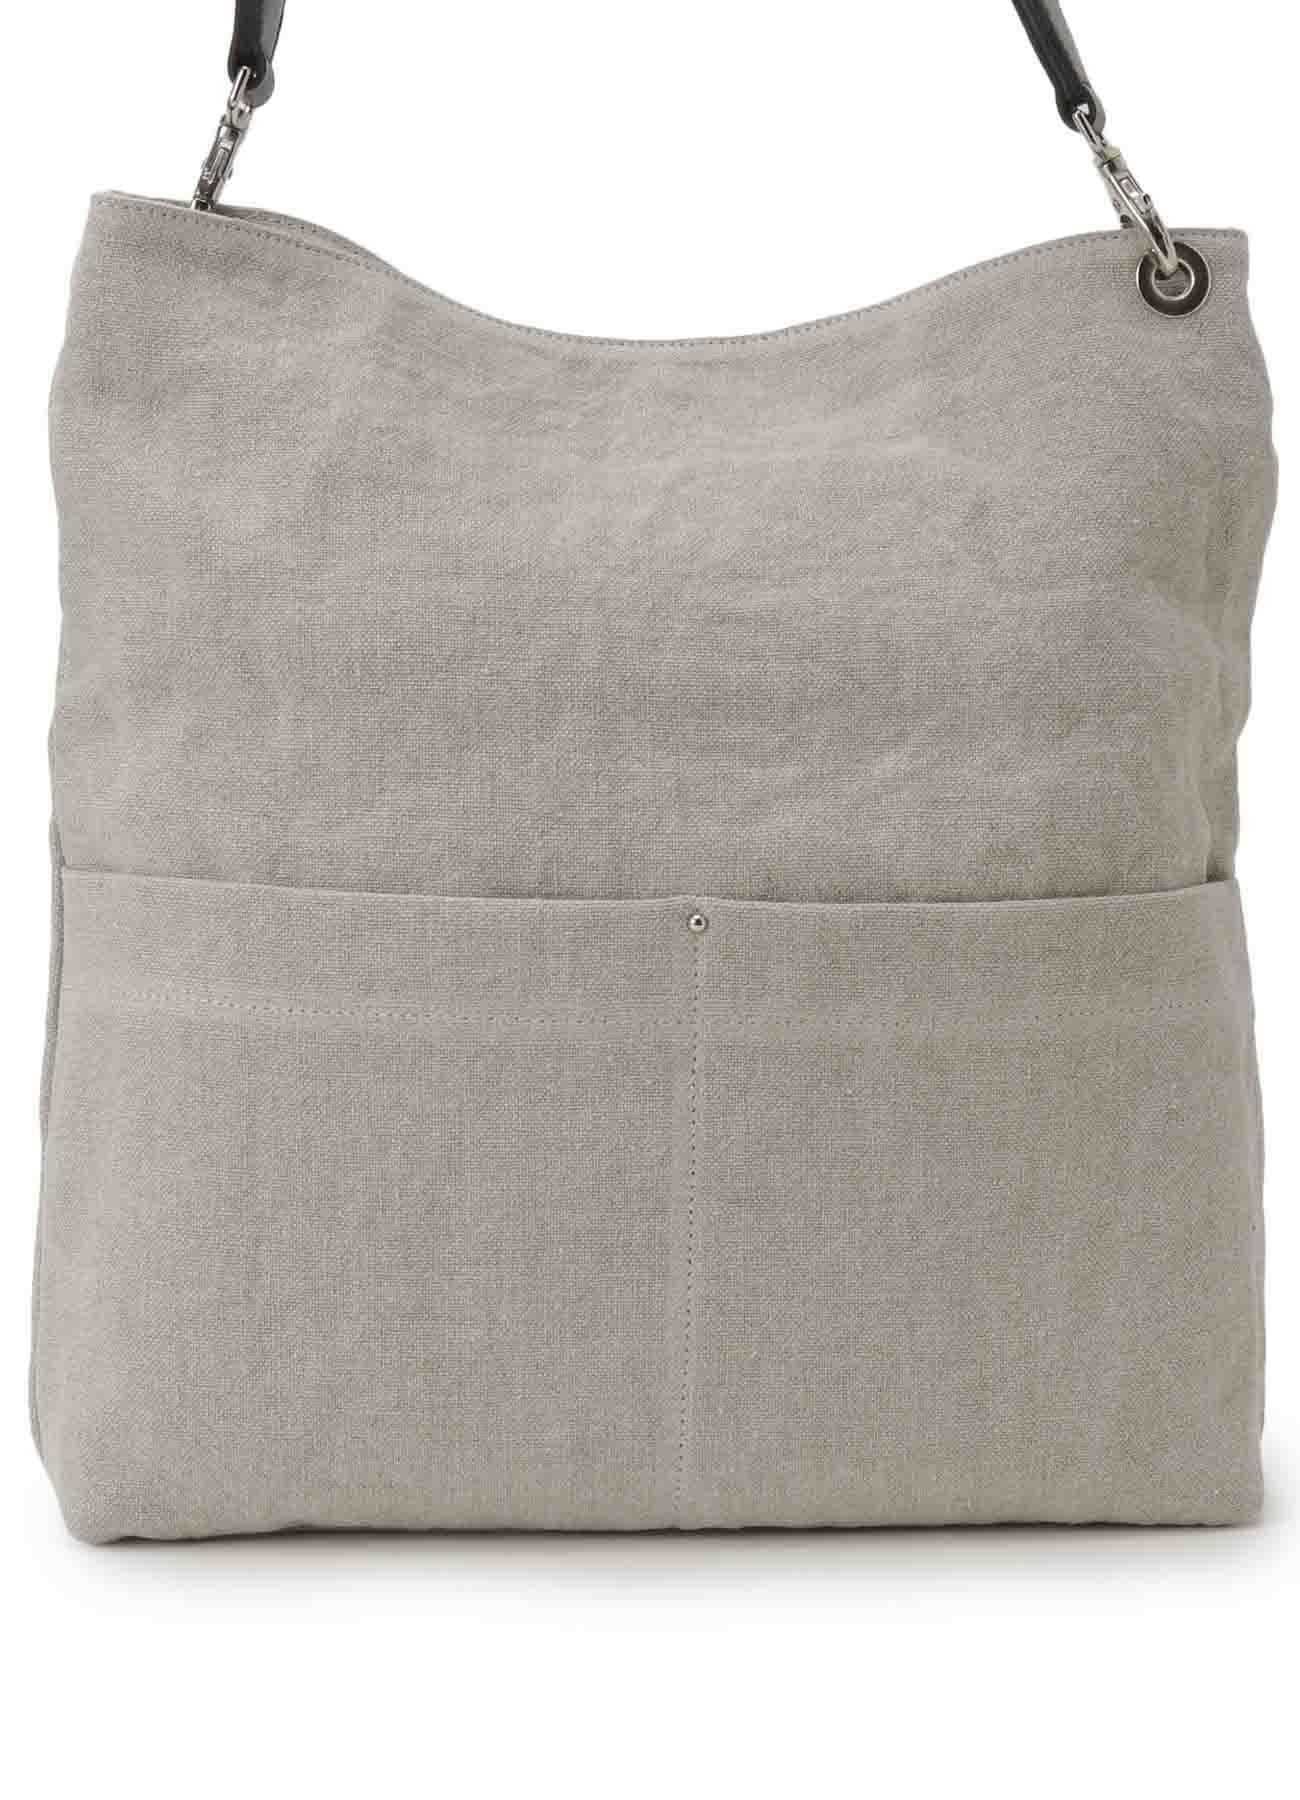 厚亚麻平纹编织一根肩带